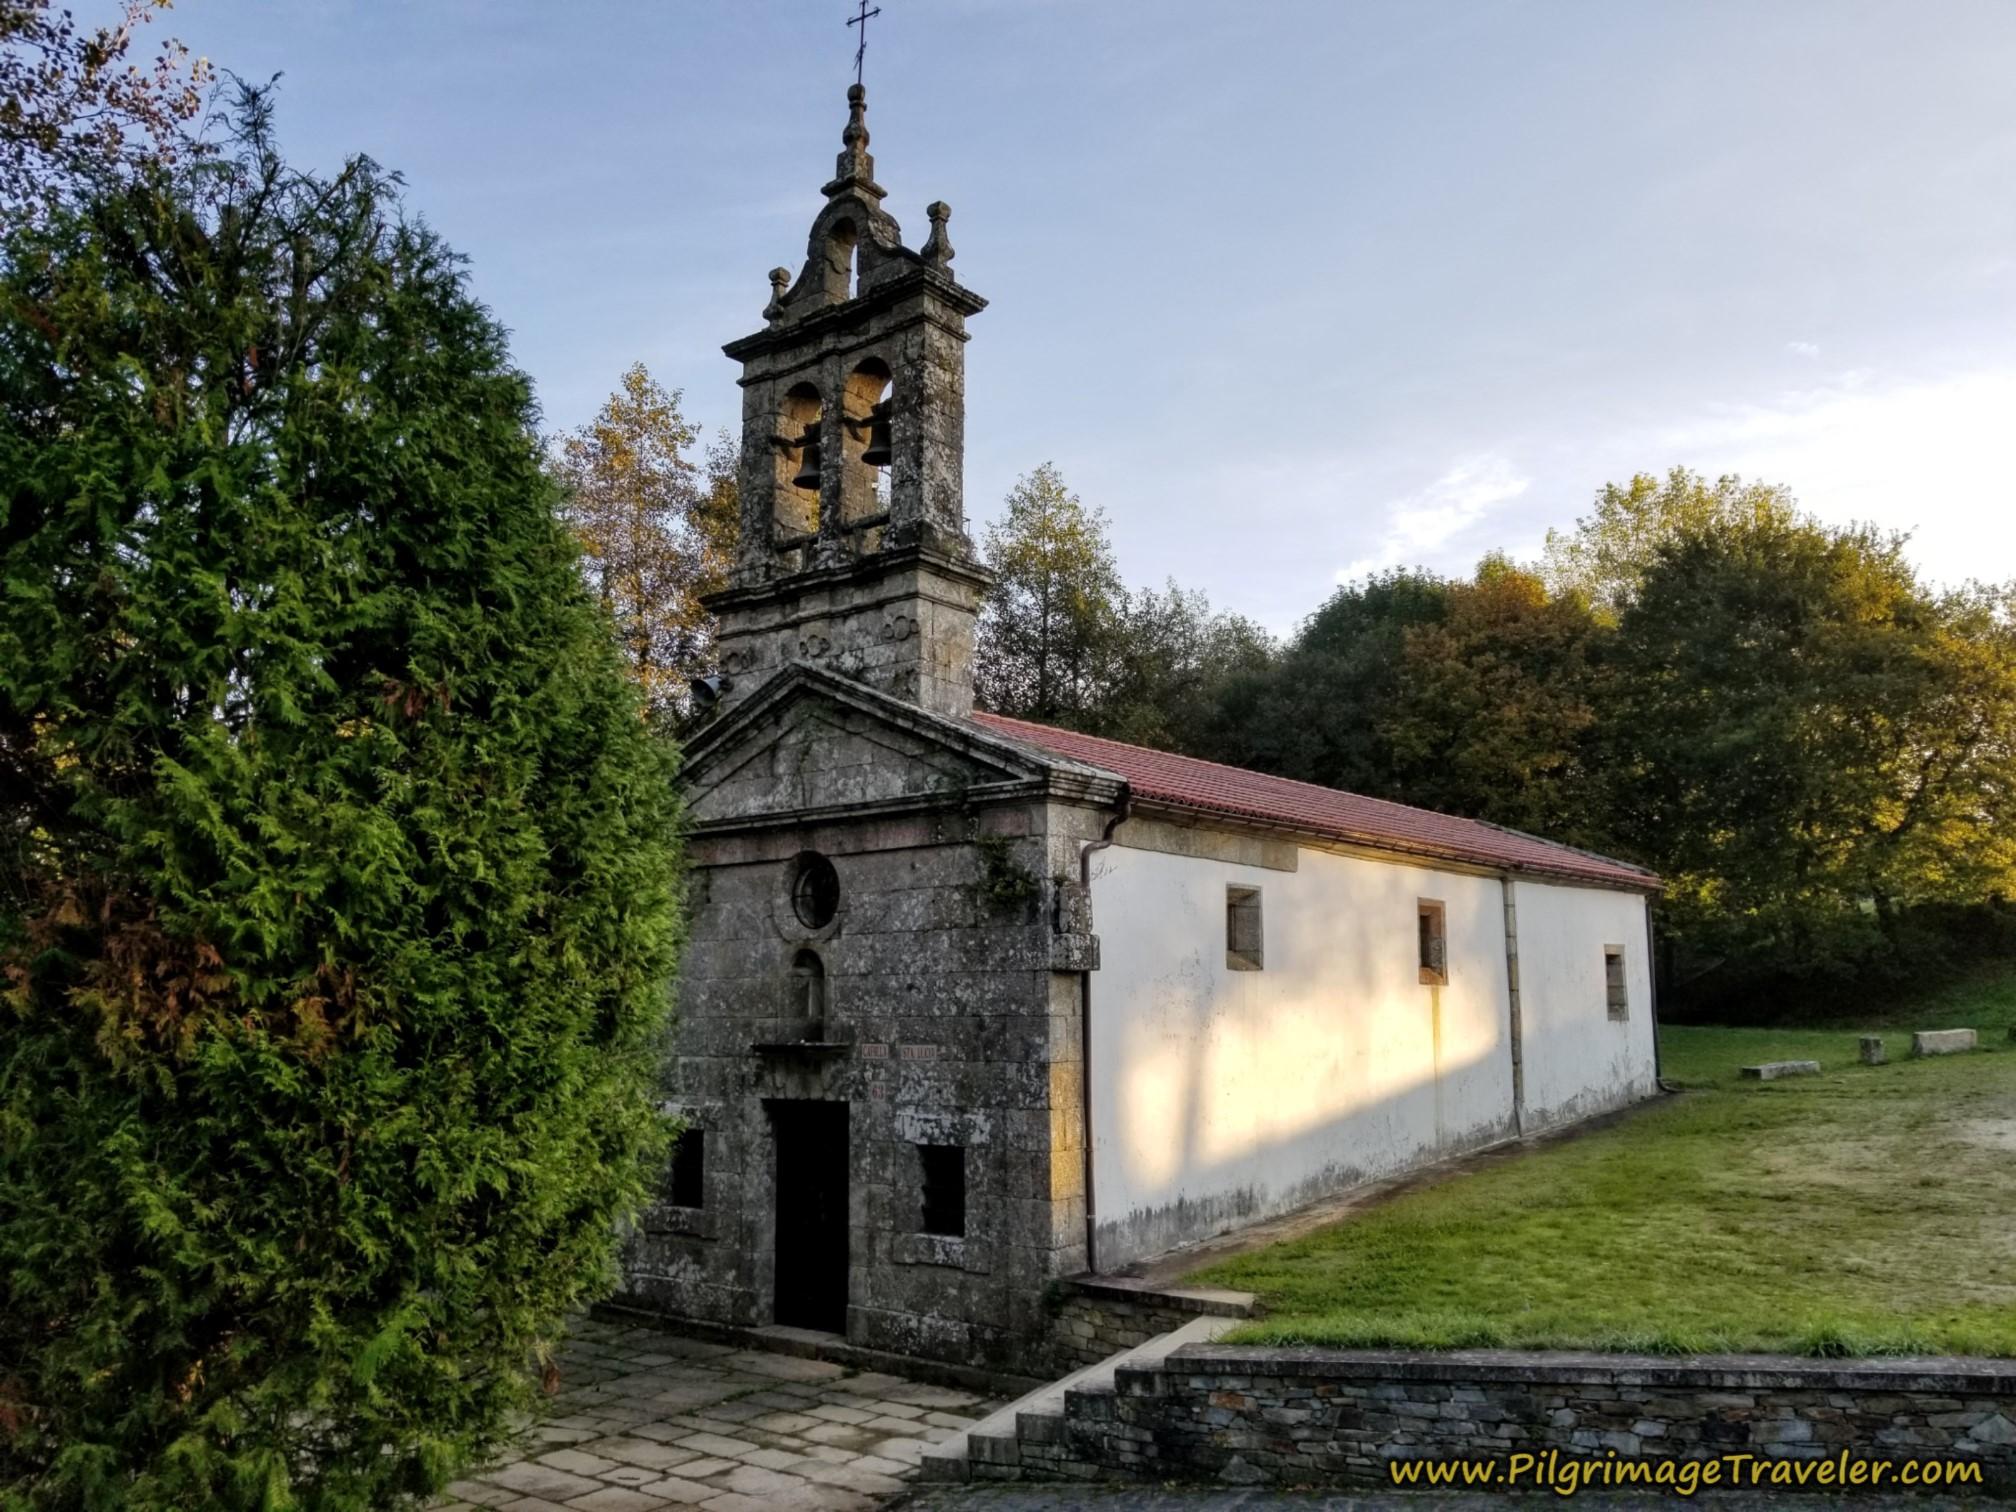 Ermita de Santa Lucía on the Camino Sanabrés from A Susana to Santiago de Compostela